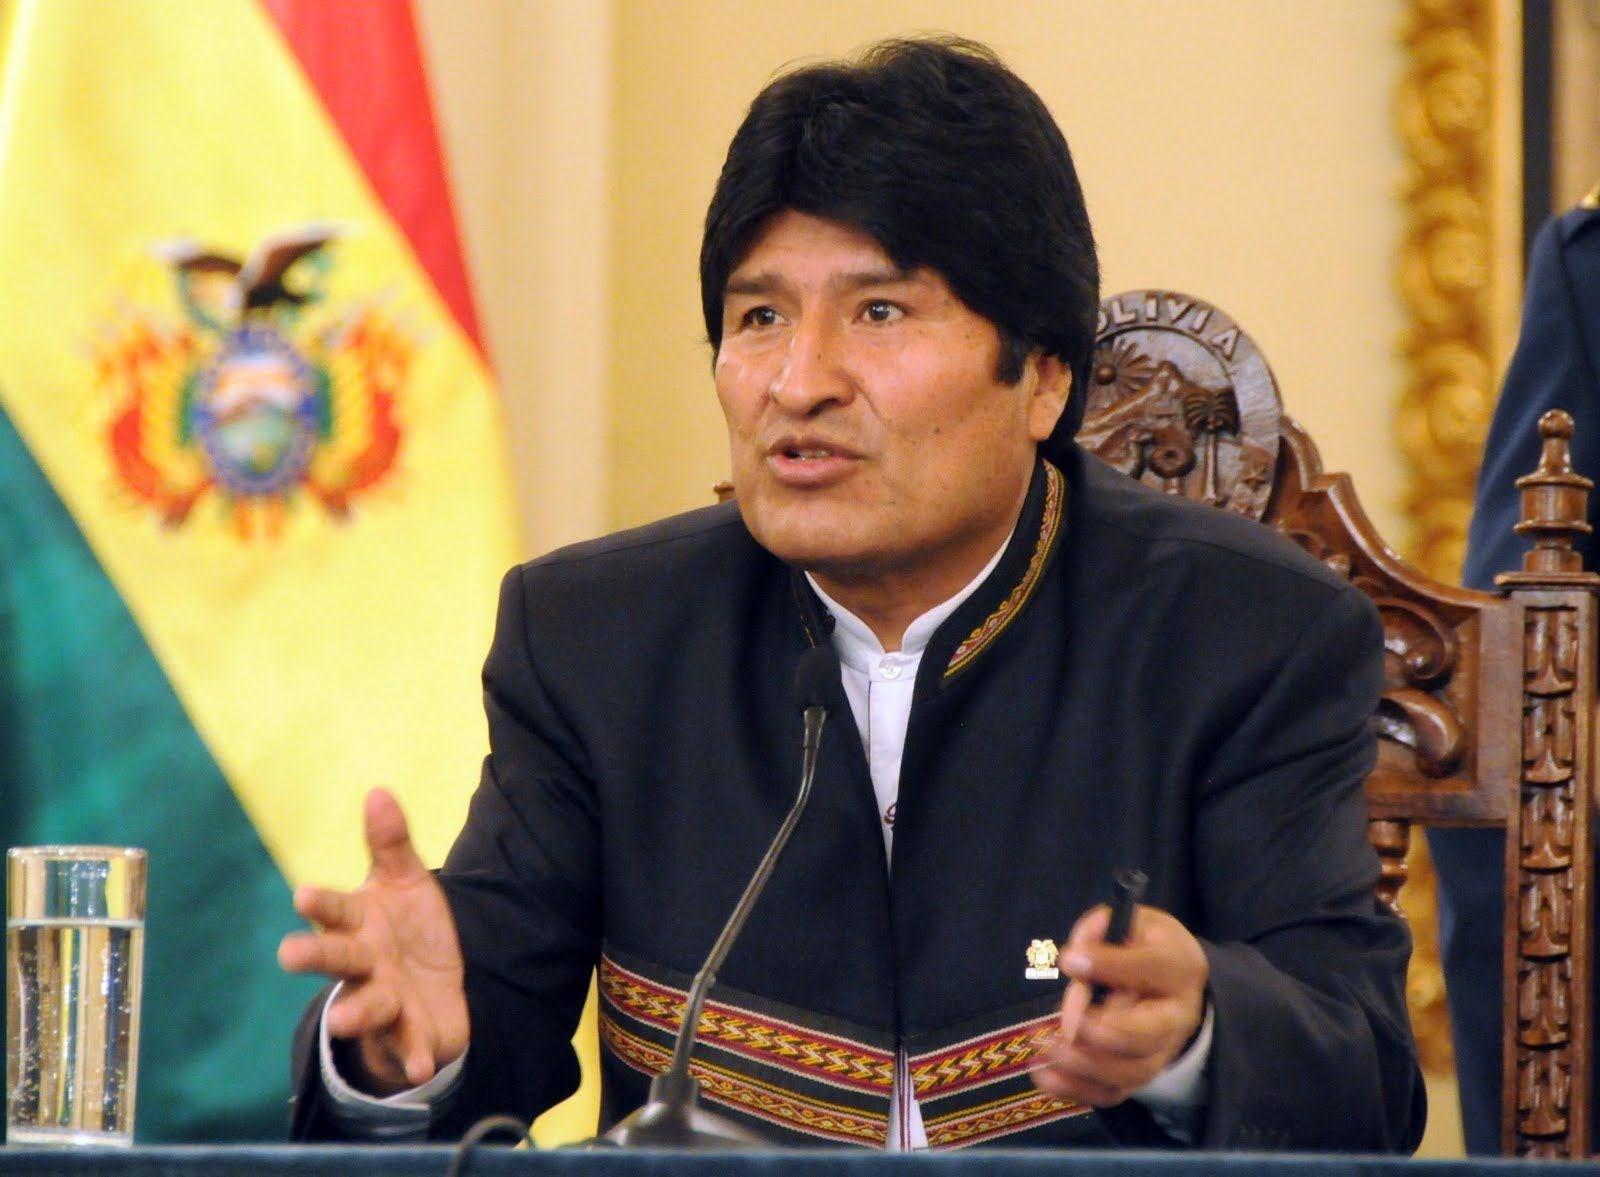 موراليس: لا أخطط للمشاركة في الانتخابات أو شغل منصب نائب الرئيس